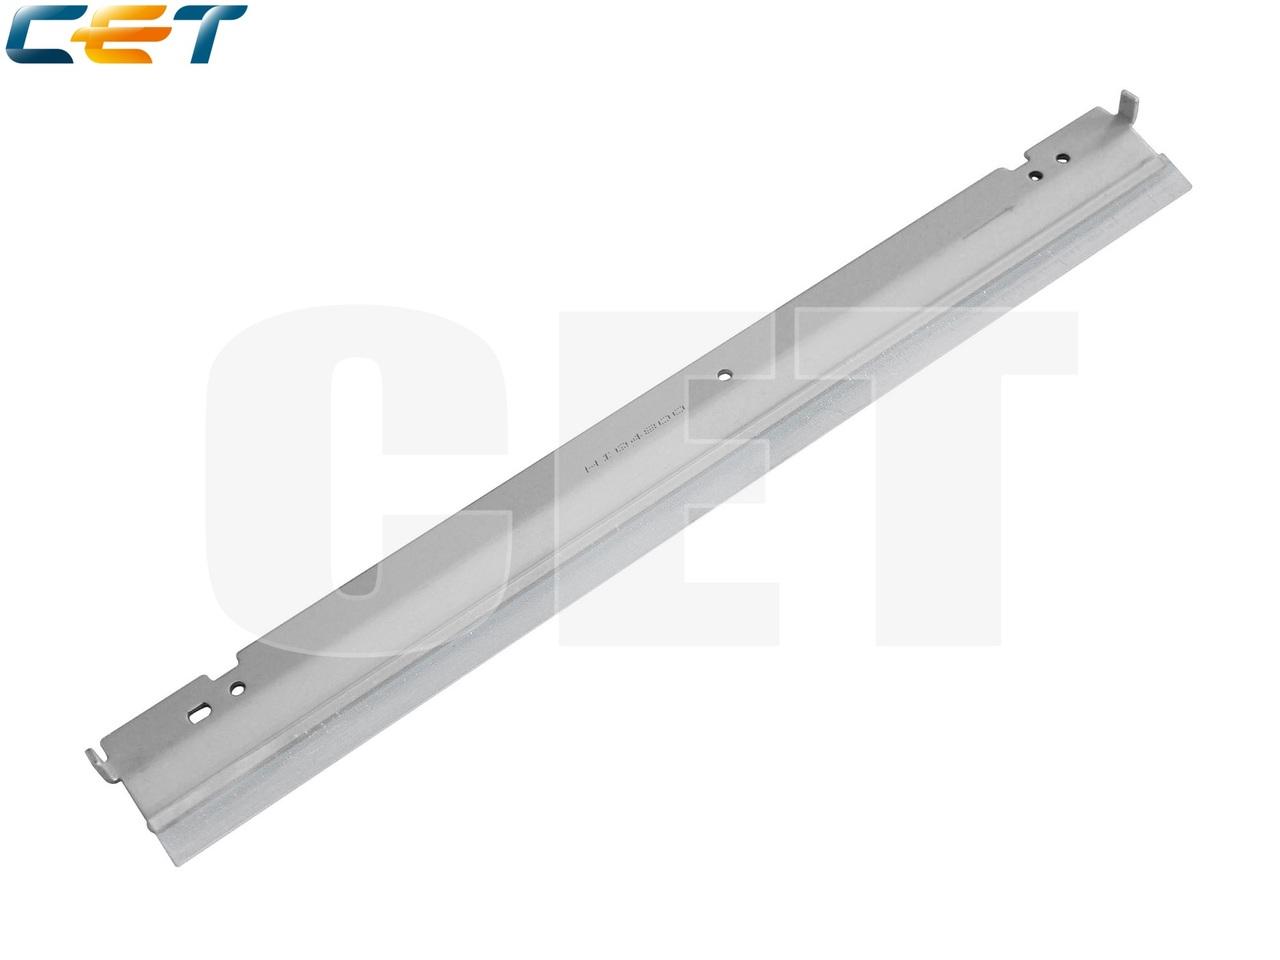 Ракель CCLEZ0173FC32, CCLEZ0173FC34, CCLEZ0173FC32для SHARP ARM550/M620/M700, MX-M550/M620/M700 (CET),CET4800